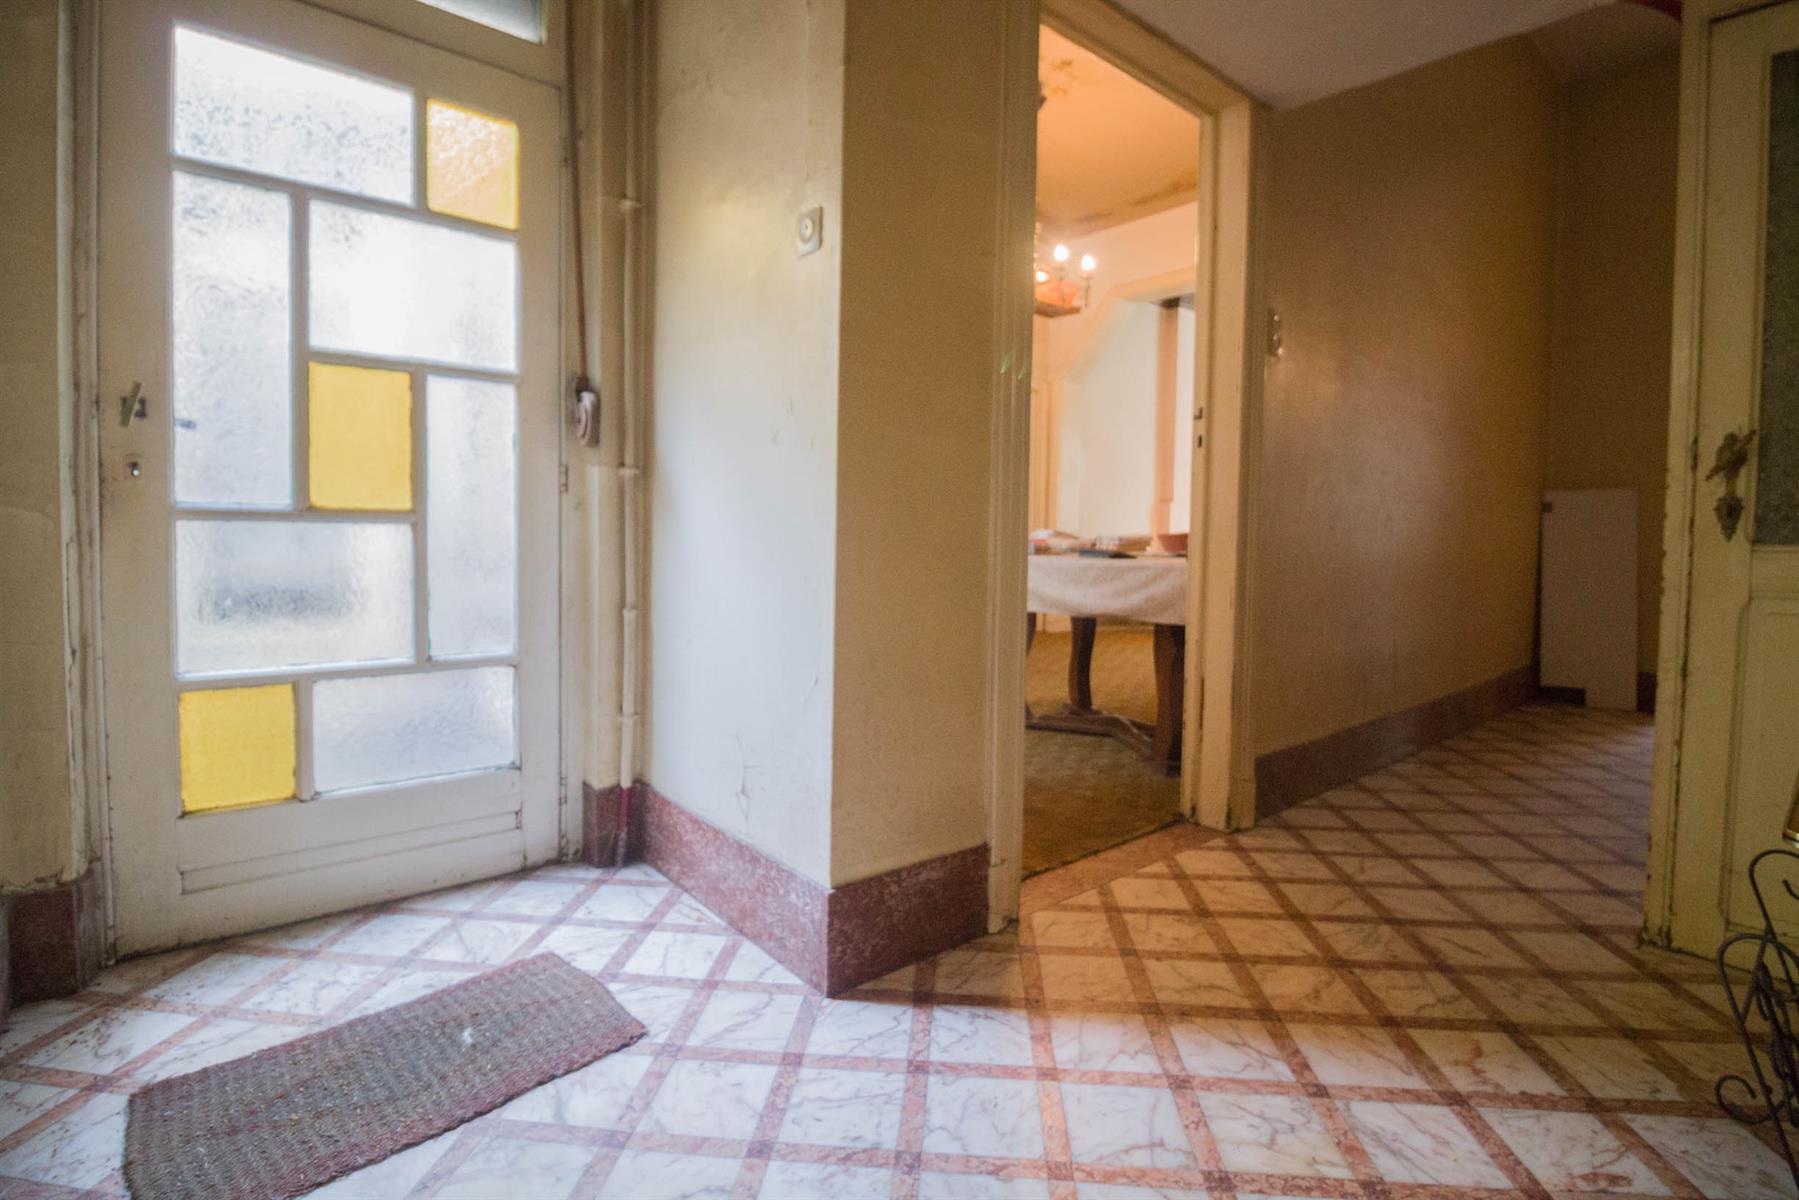 Maison de maître - Dampremy - #4373994-6